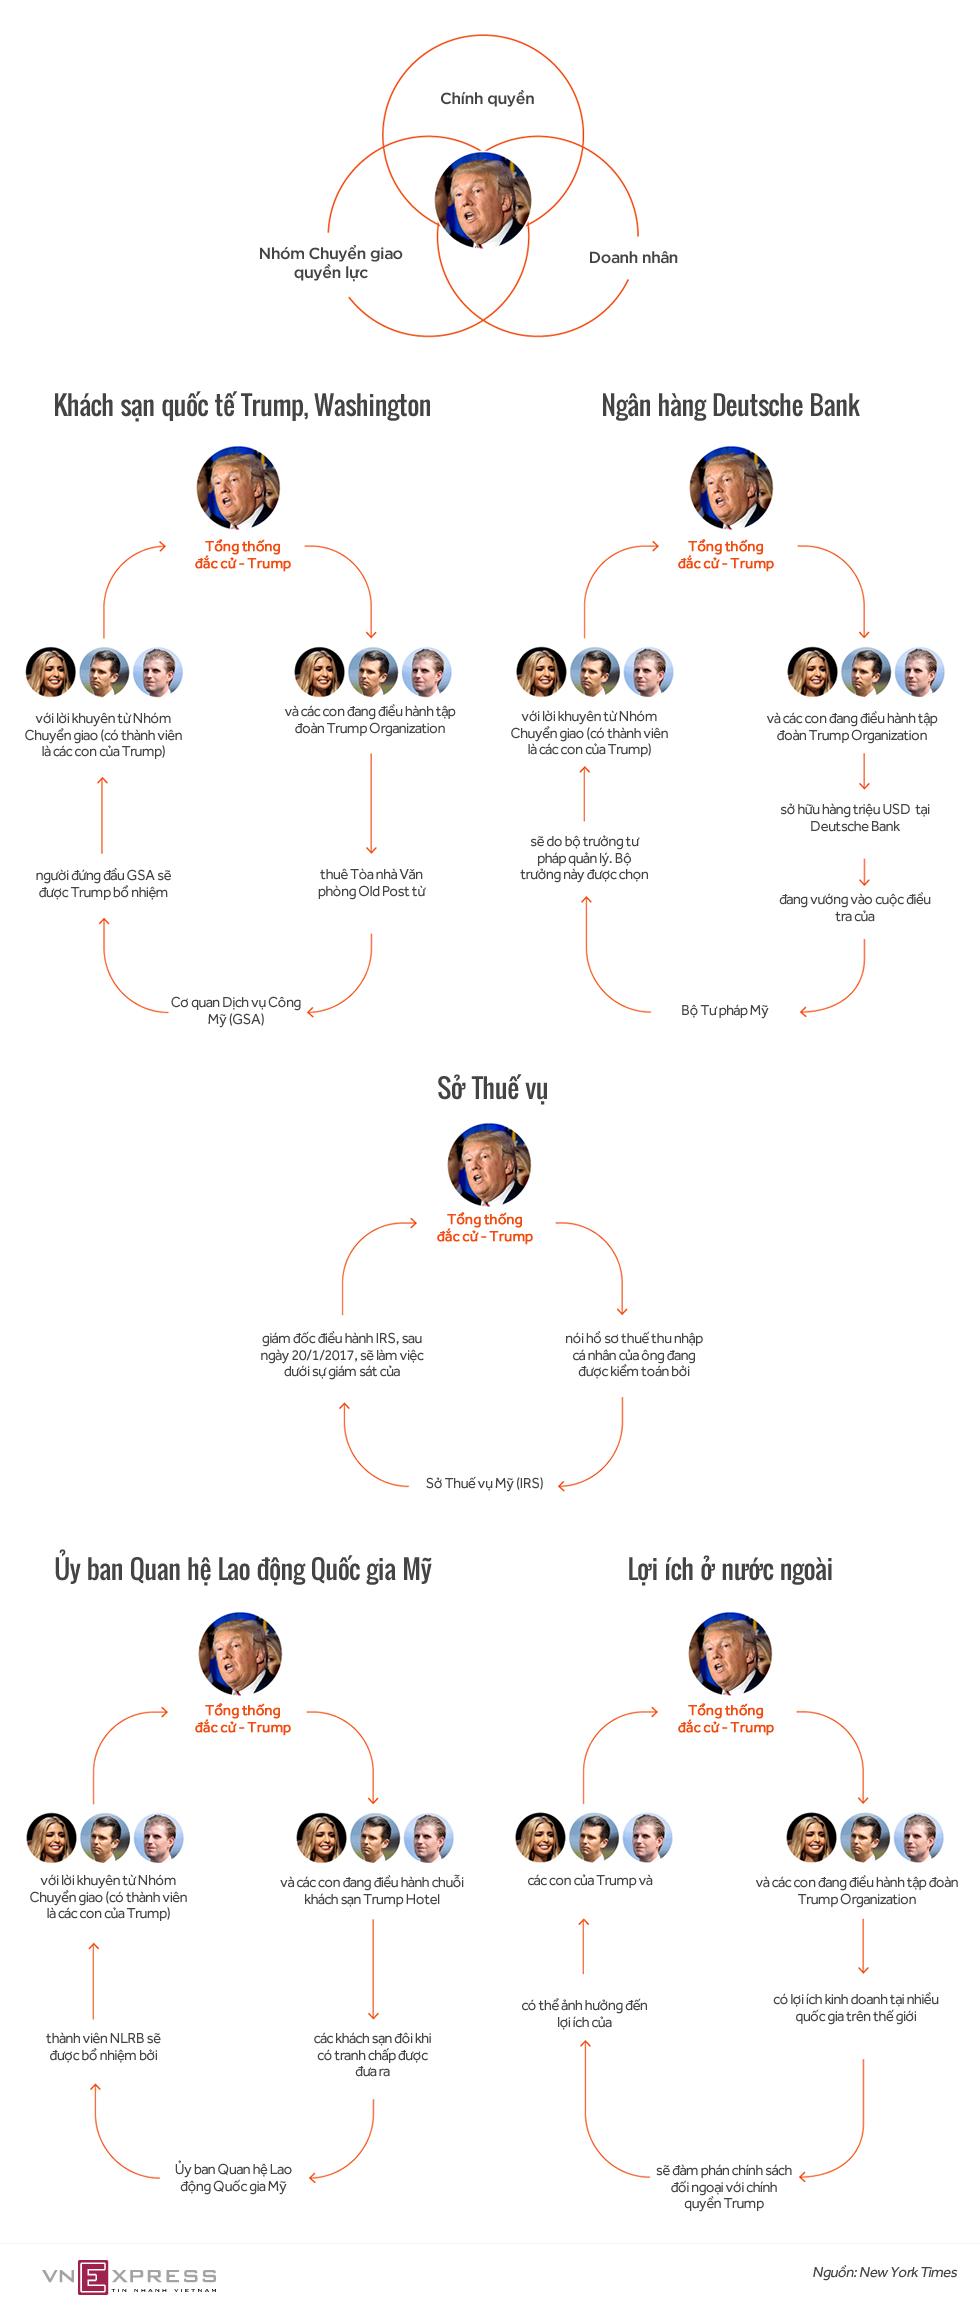 Những mâu thuẫn lợi ích dự kiến trong chính quyền Donald Trump